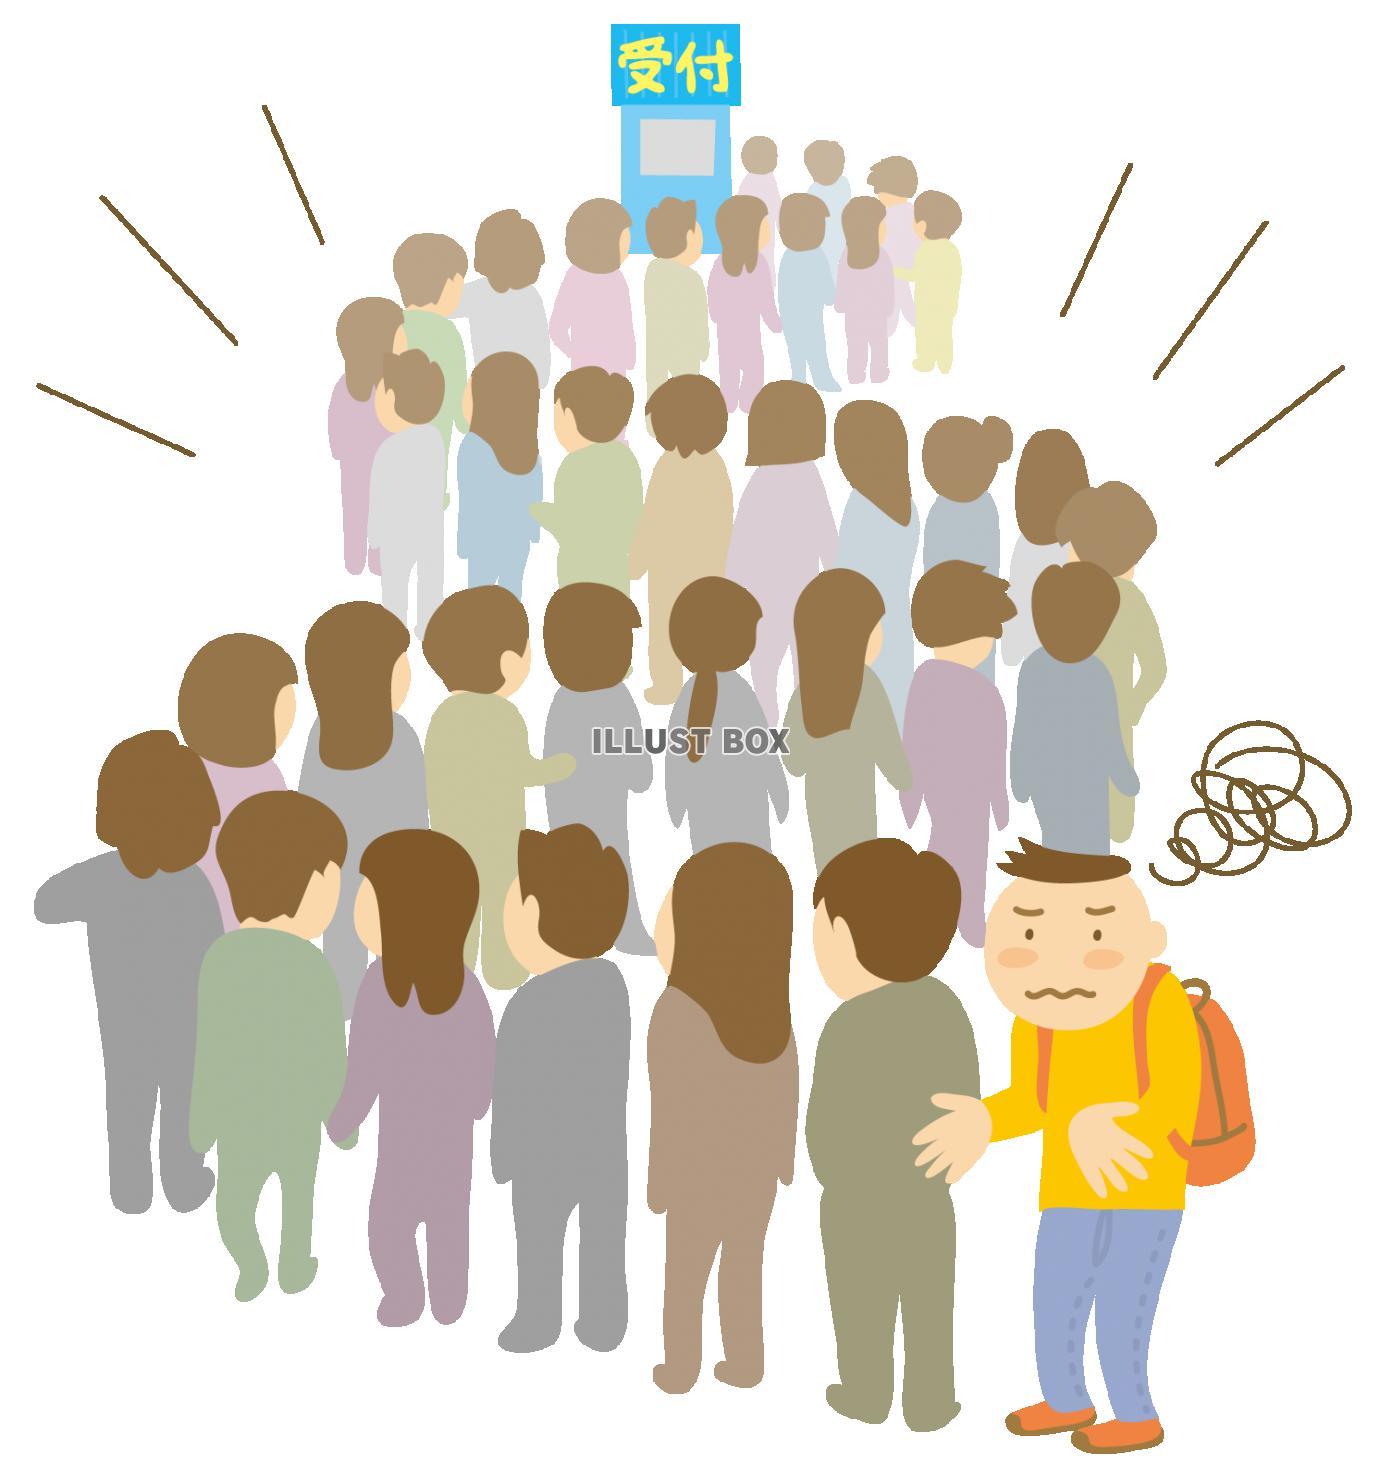 無料イラスト 長蛇の列行列に並ぶ人々混雑受付窓口出入口順番待ち男女